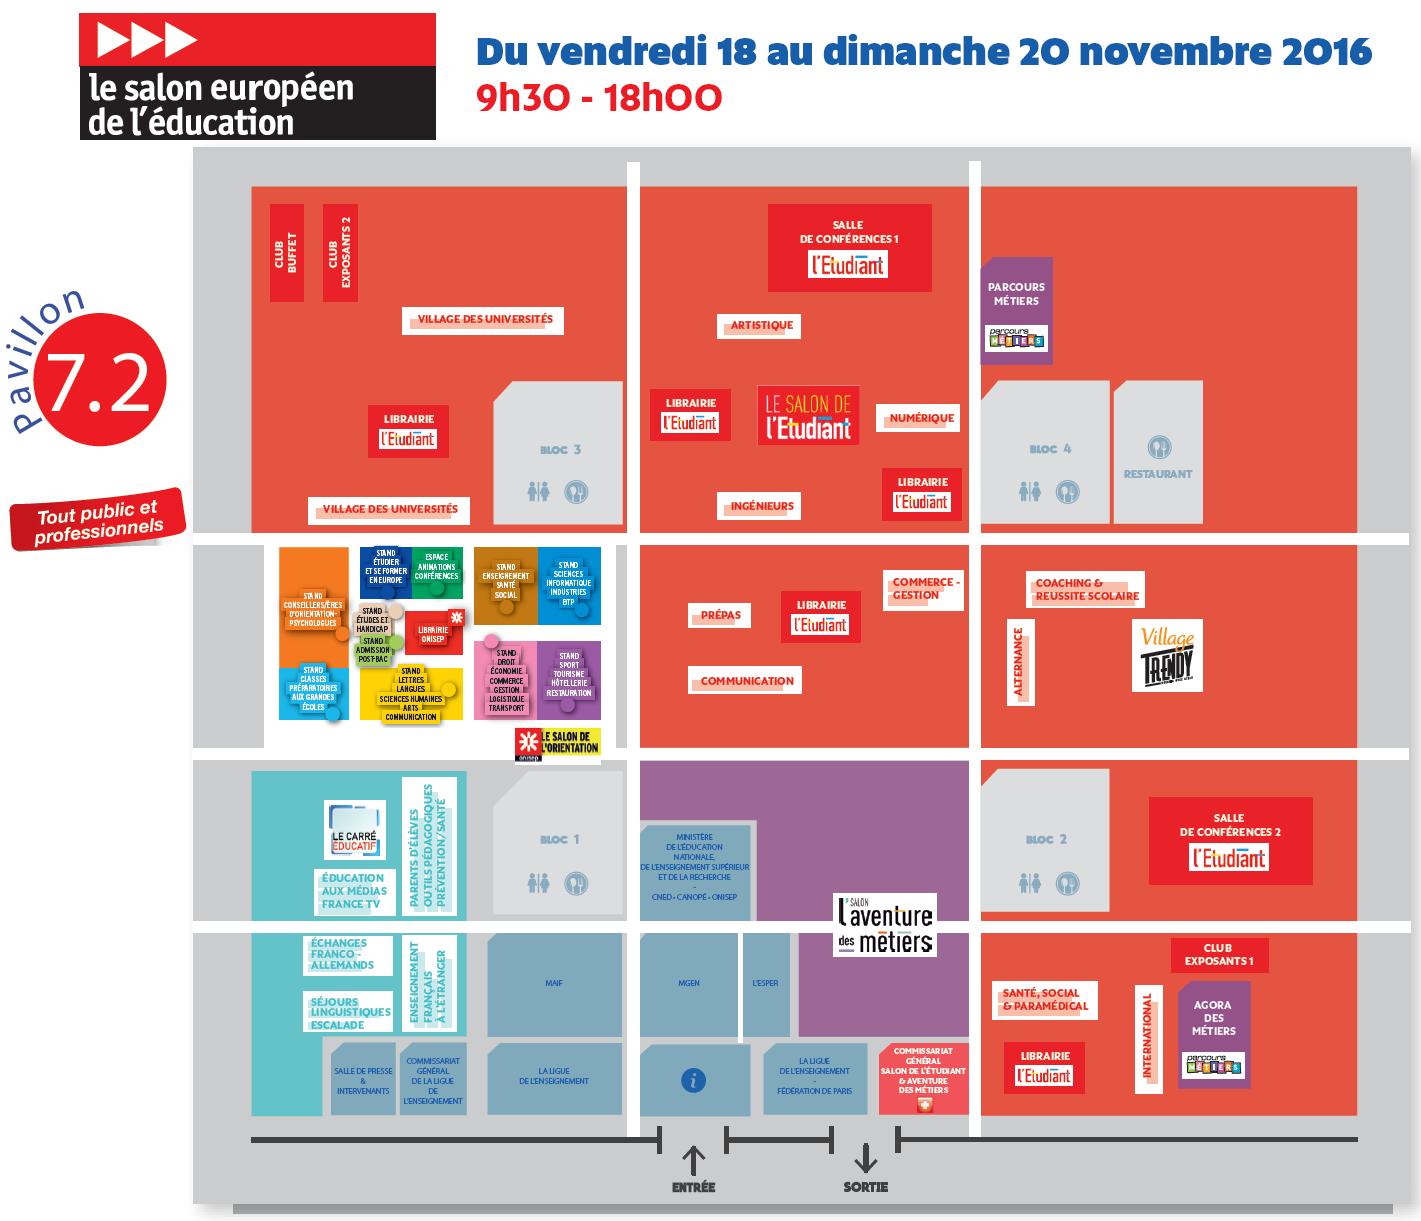 plan-salon-education-letudiant-laventure-des-metiers-onisep